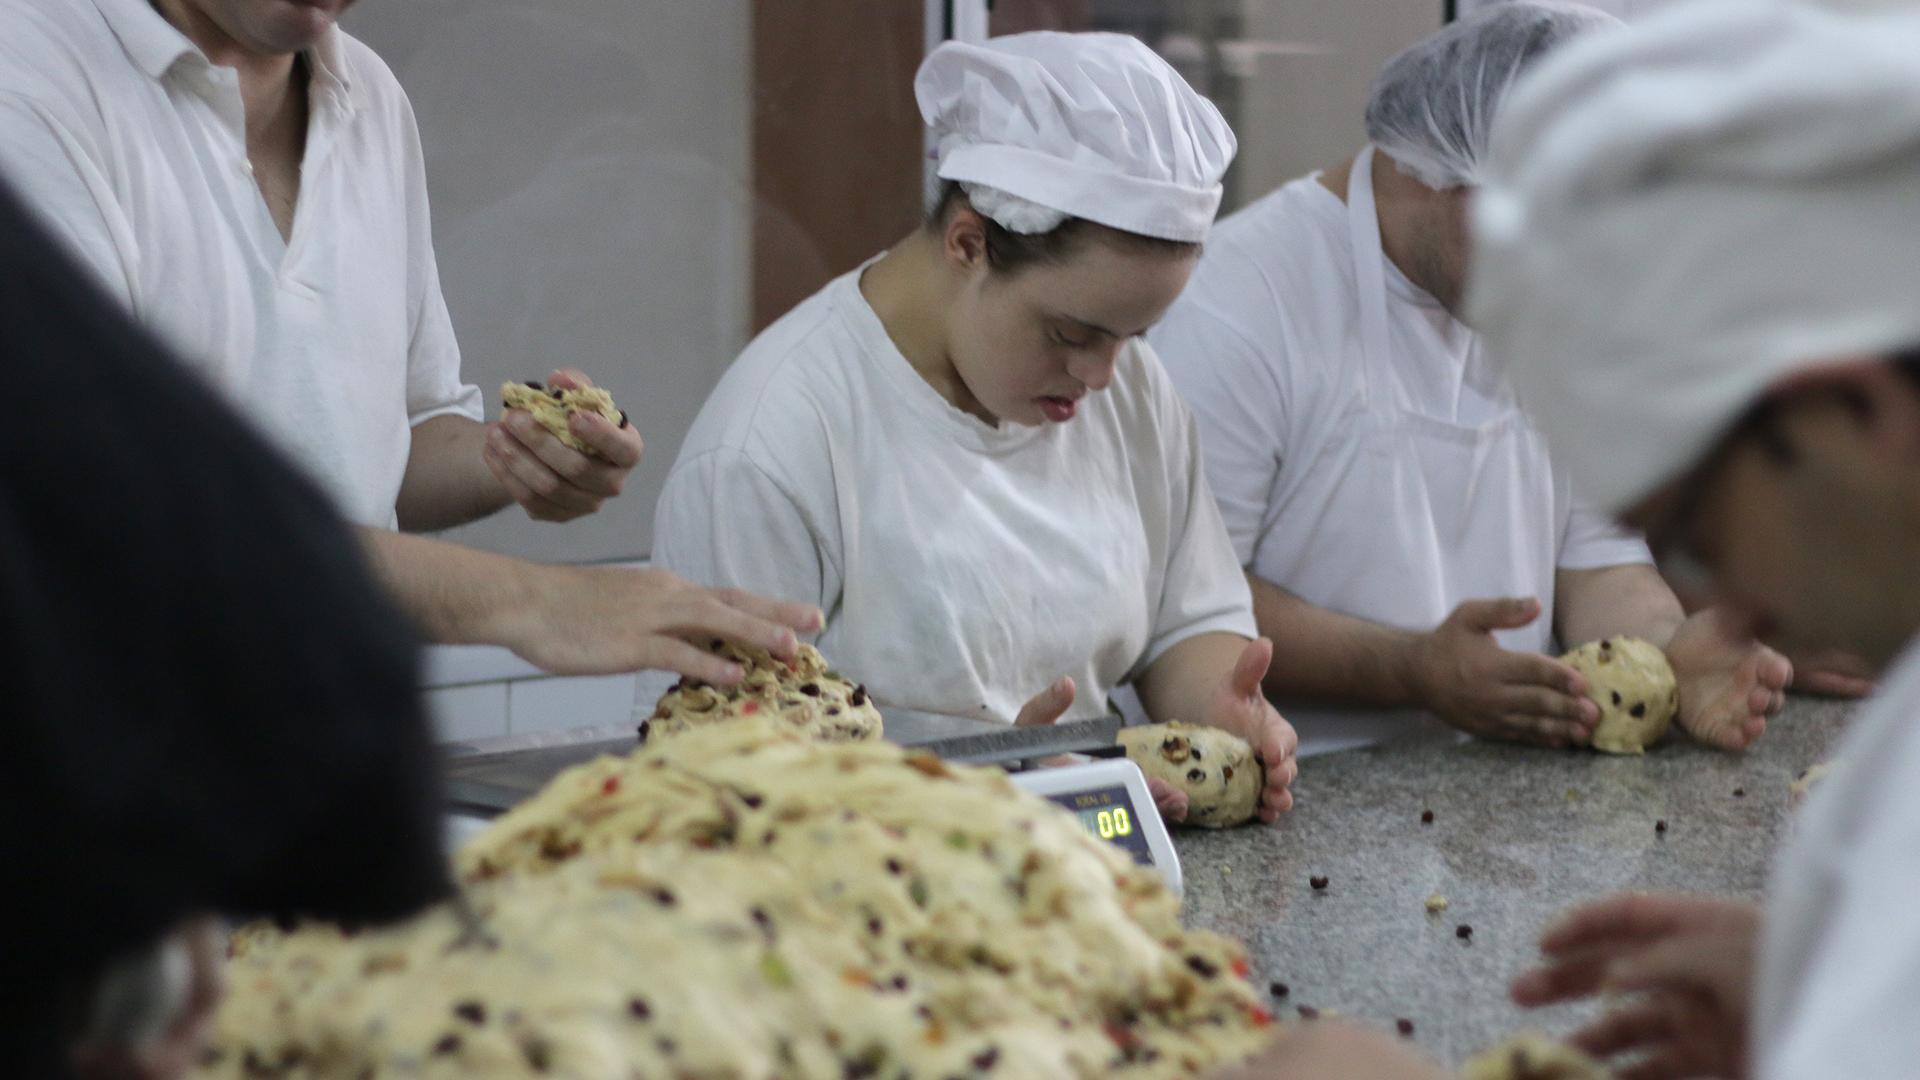 Hay tres tamaños de panes: individuales, de 1/2 y 3/4 kilo. (Lihue Althabe)